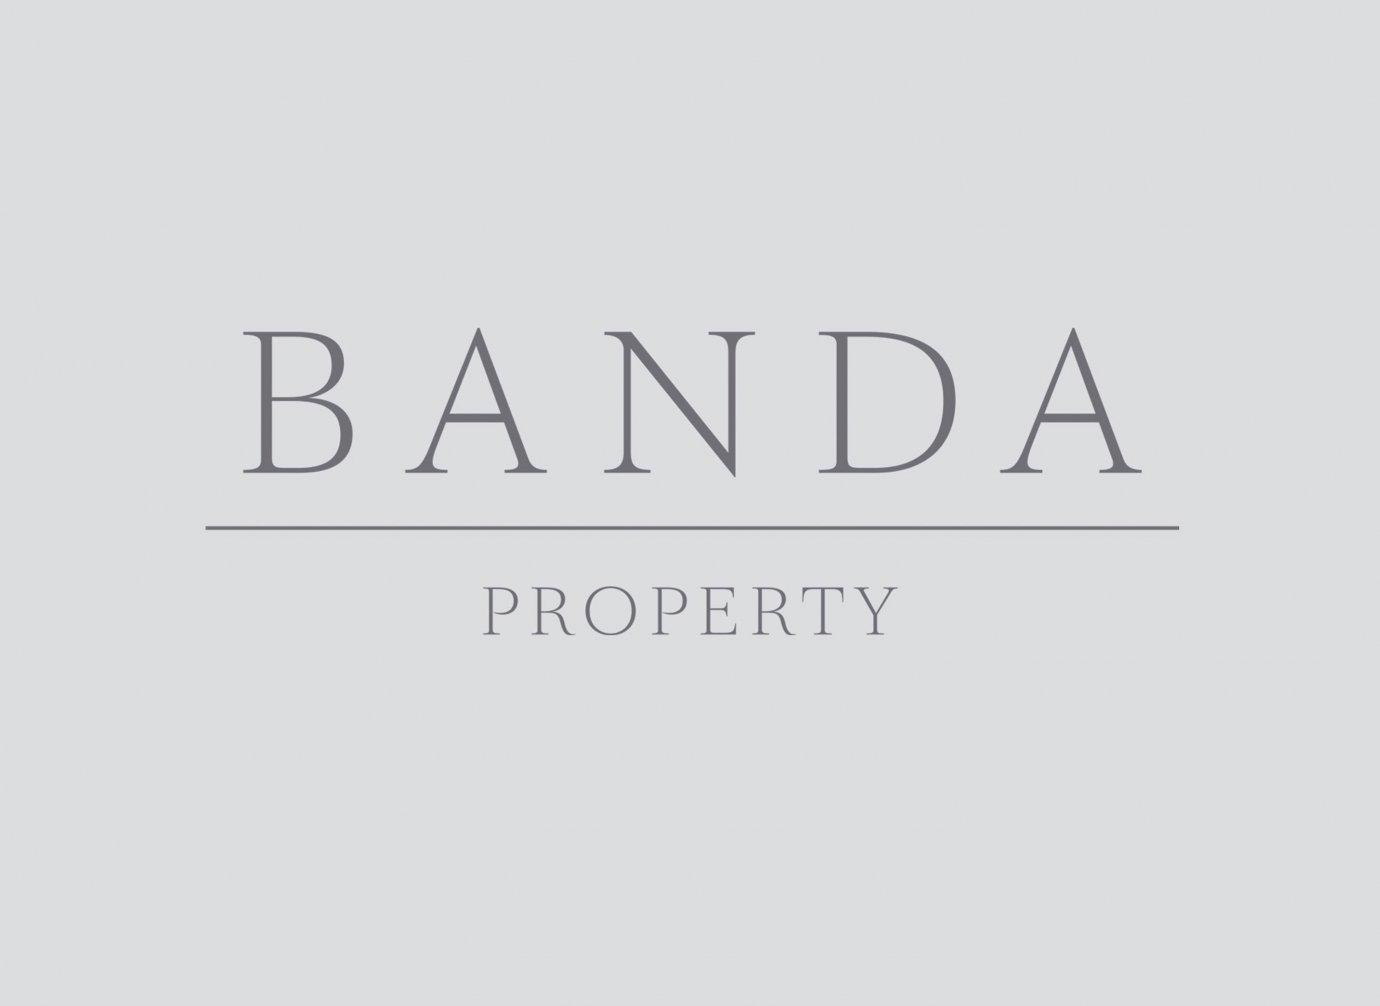 Banda_01_Large.jpg